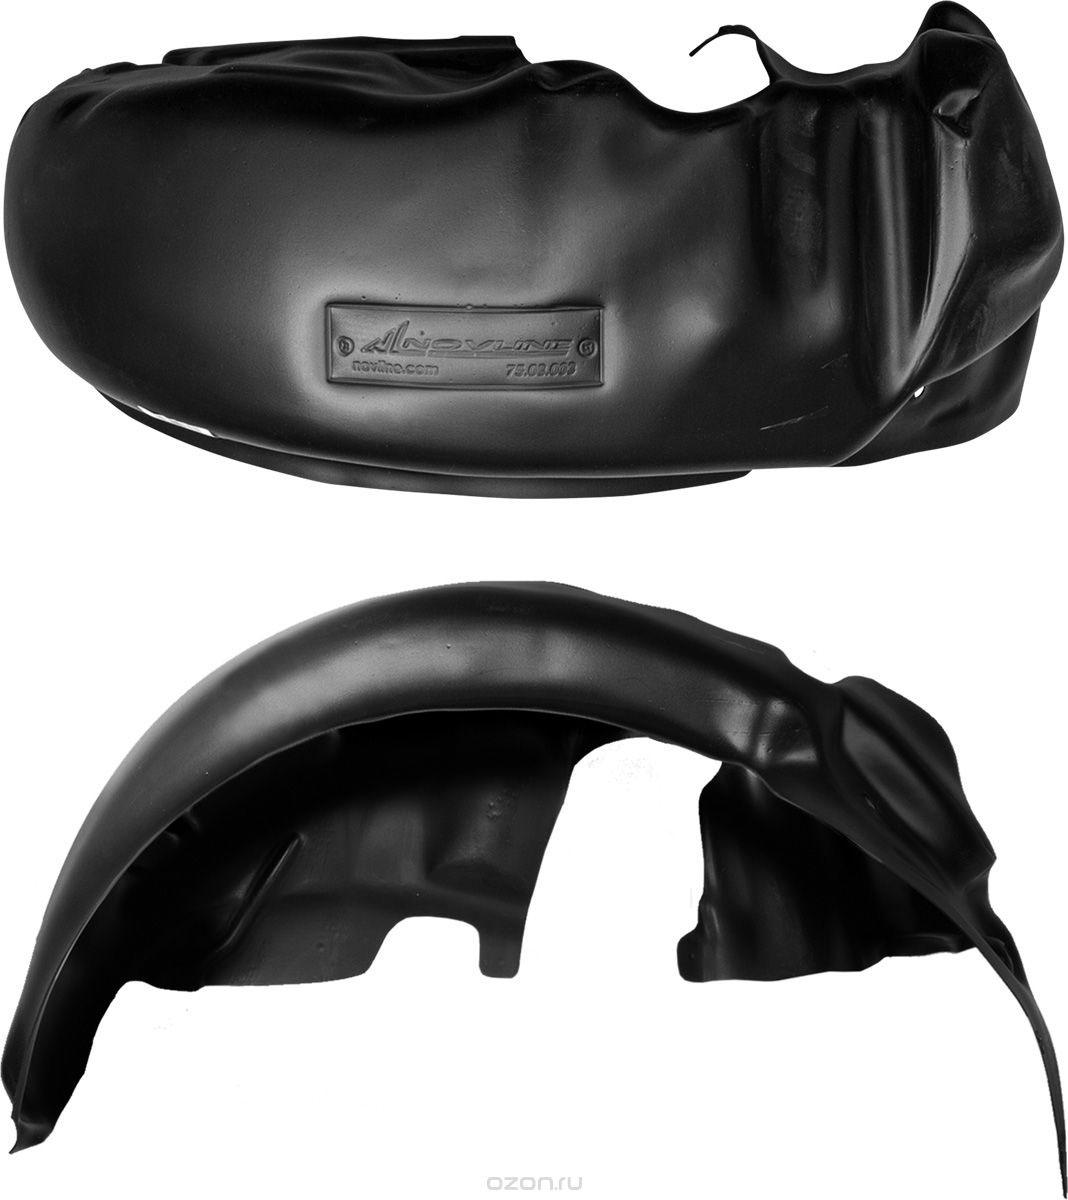 Подкрылок Novline-Autofamily, для FORD Ecosport 2WD, 2014->, задний левыйNLL.16.58.003Идеальная защита колесной ниши. Локеры разработаны с применением цифровых технологий, гарантируют максимальную повторяемость поверхности арки. Изделия устанавливаются без нарушения лакокрасочного покрытия автомобиля, каждый подкрылок комплектуется крепежом. Уважаемые клиенты, обращаем ваше внимание, что фотографии на подкрылки универсальные и не отражают реальную форму изделия. При этом само изделие идет точно под размер указанного автомобиля.